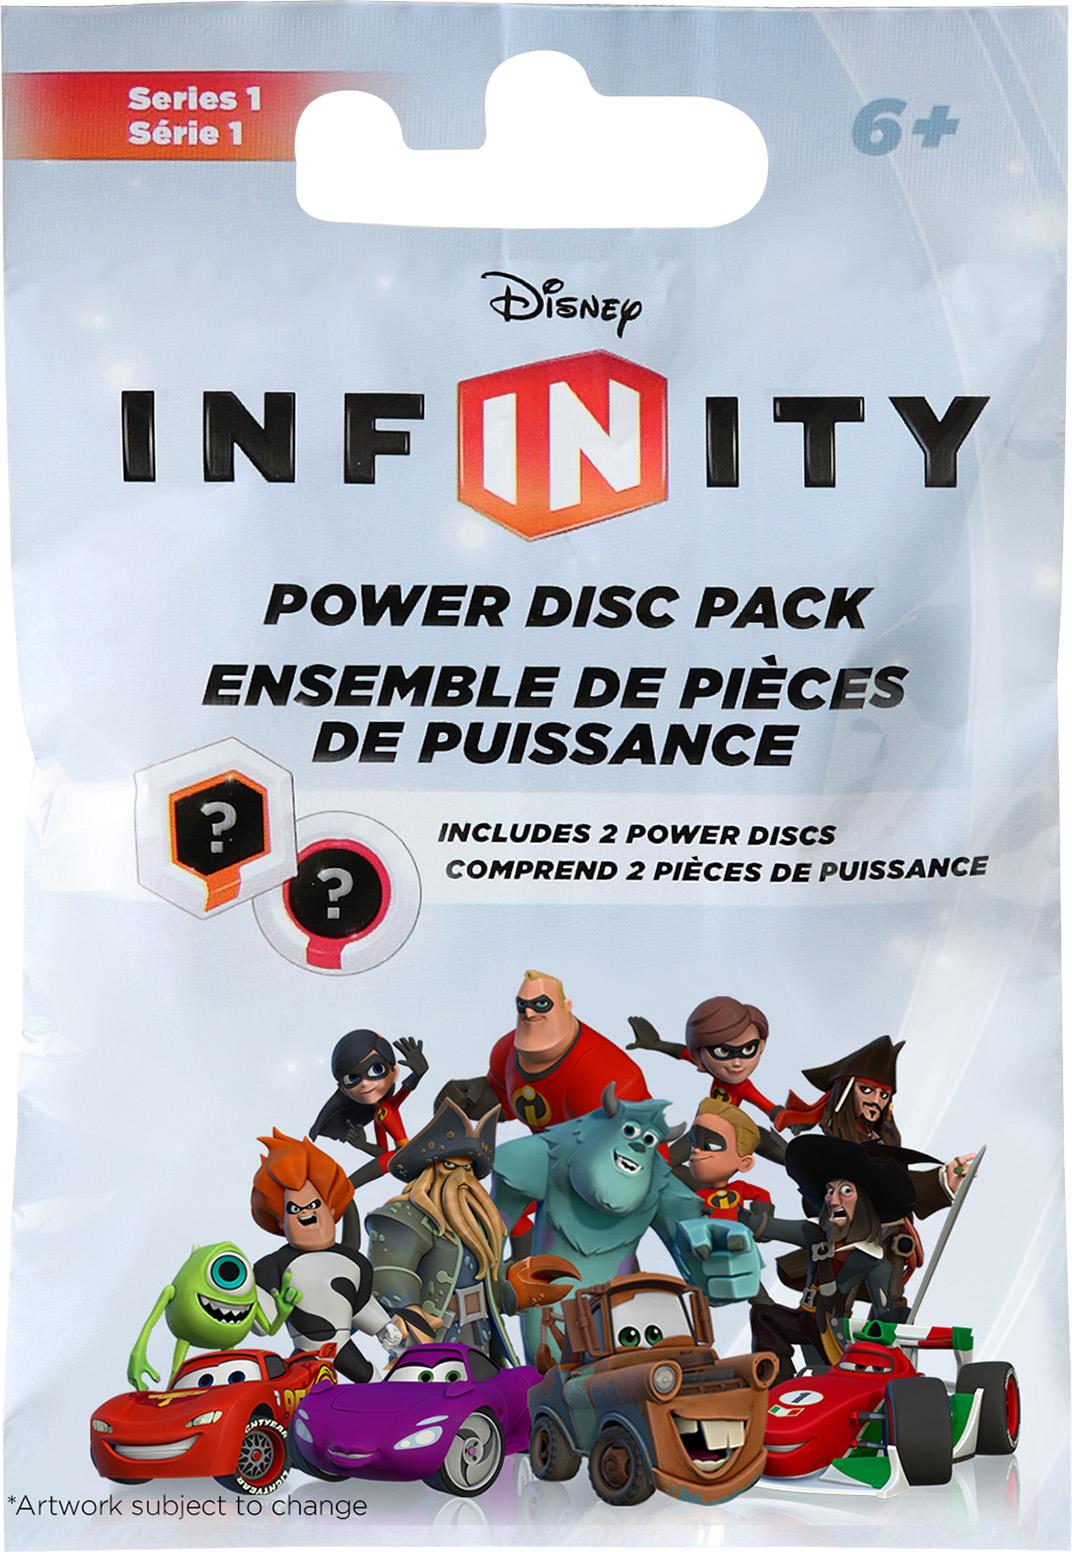 Disney Infinity Power Disc Pack: Series 1